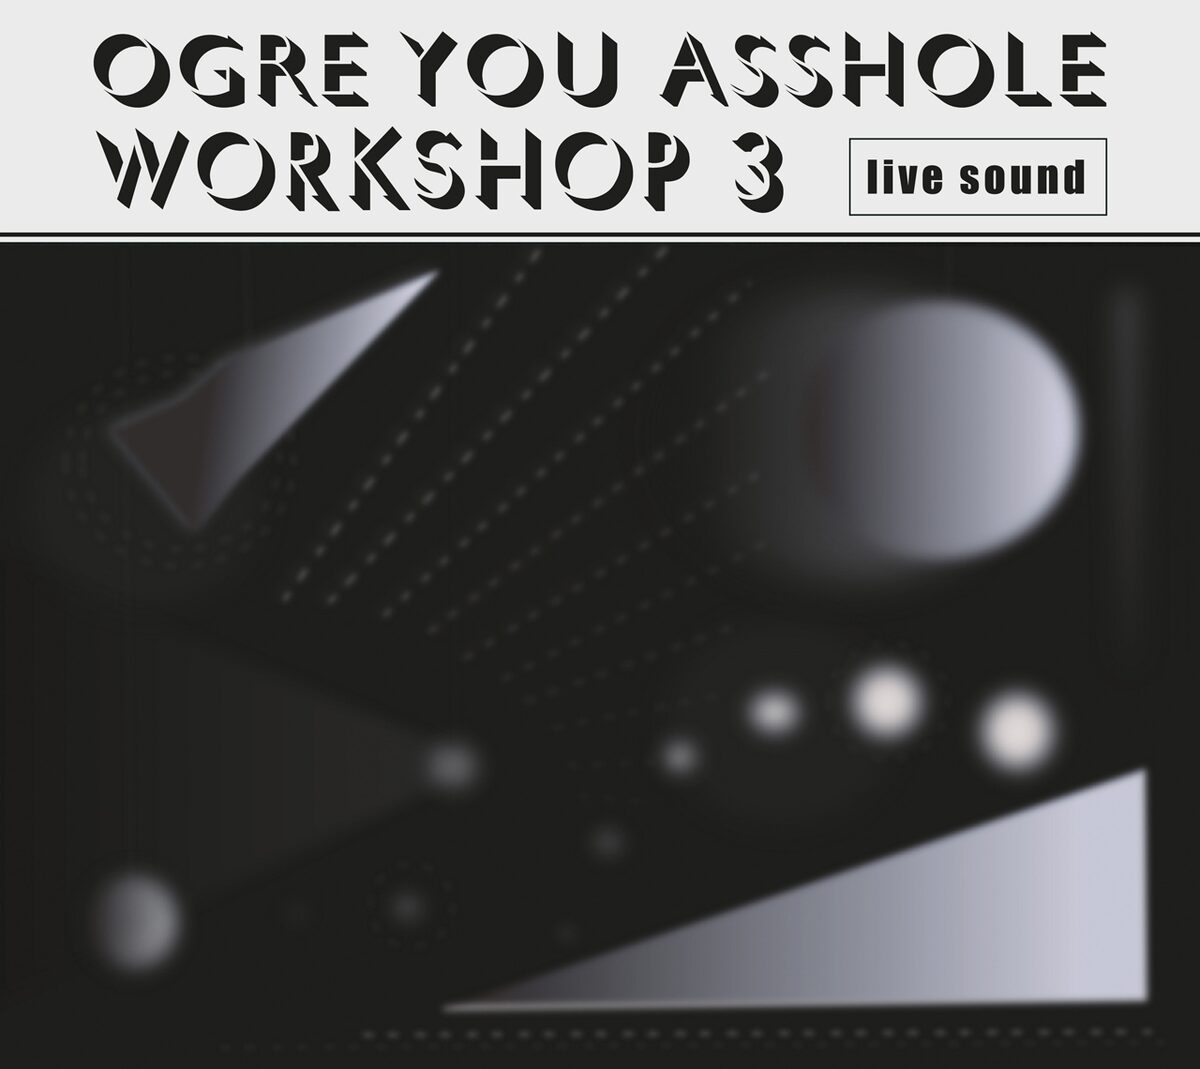 OGRE YOU ASSHOLE「workshop」第3弾発売、4年間のライブから音源をセレクト(動画あり) - 音楽ナタリー